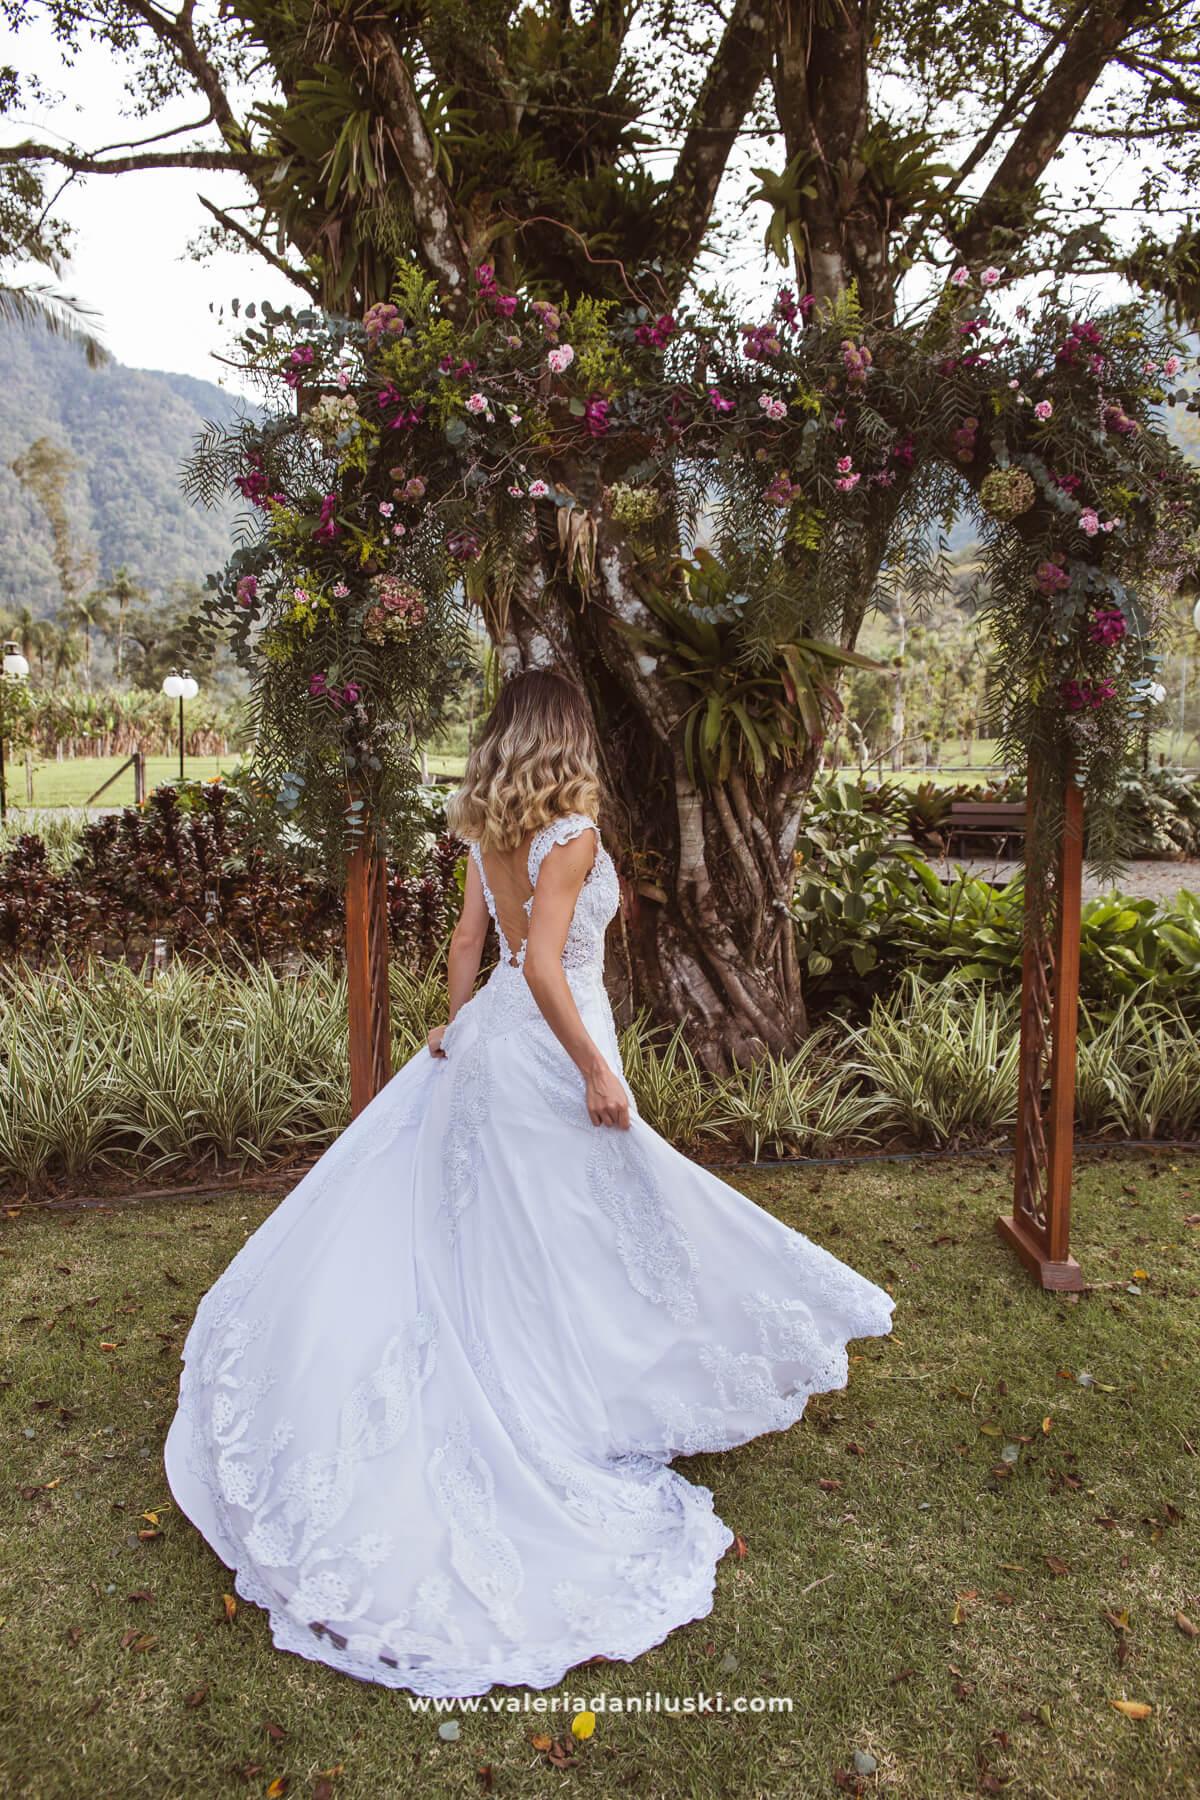 vestido de casamento ar livre